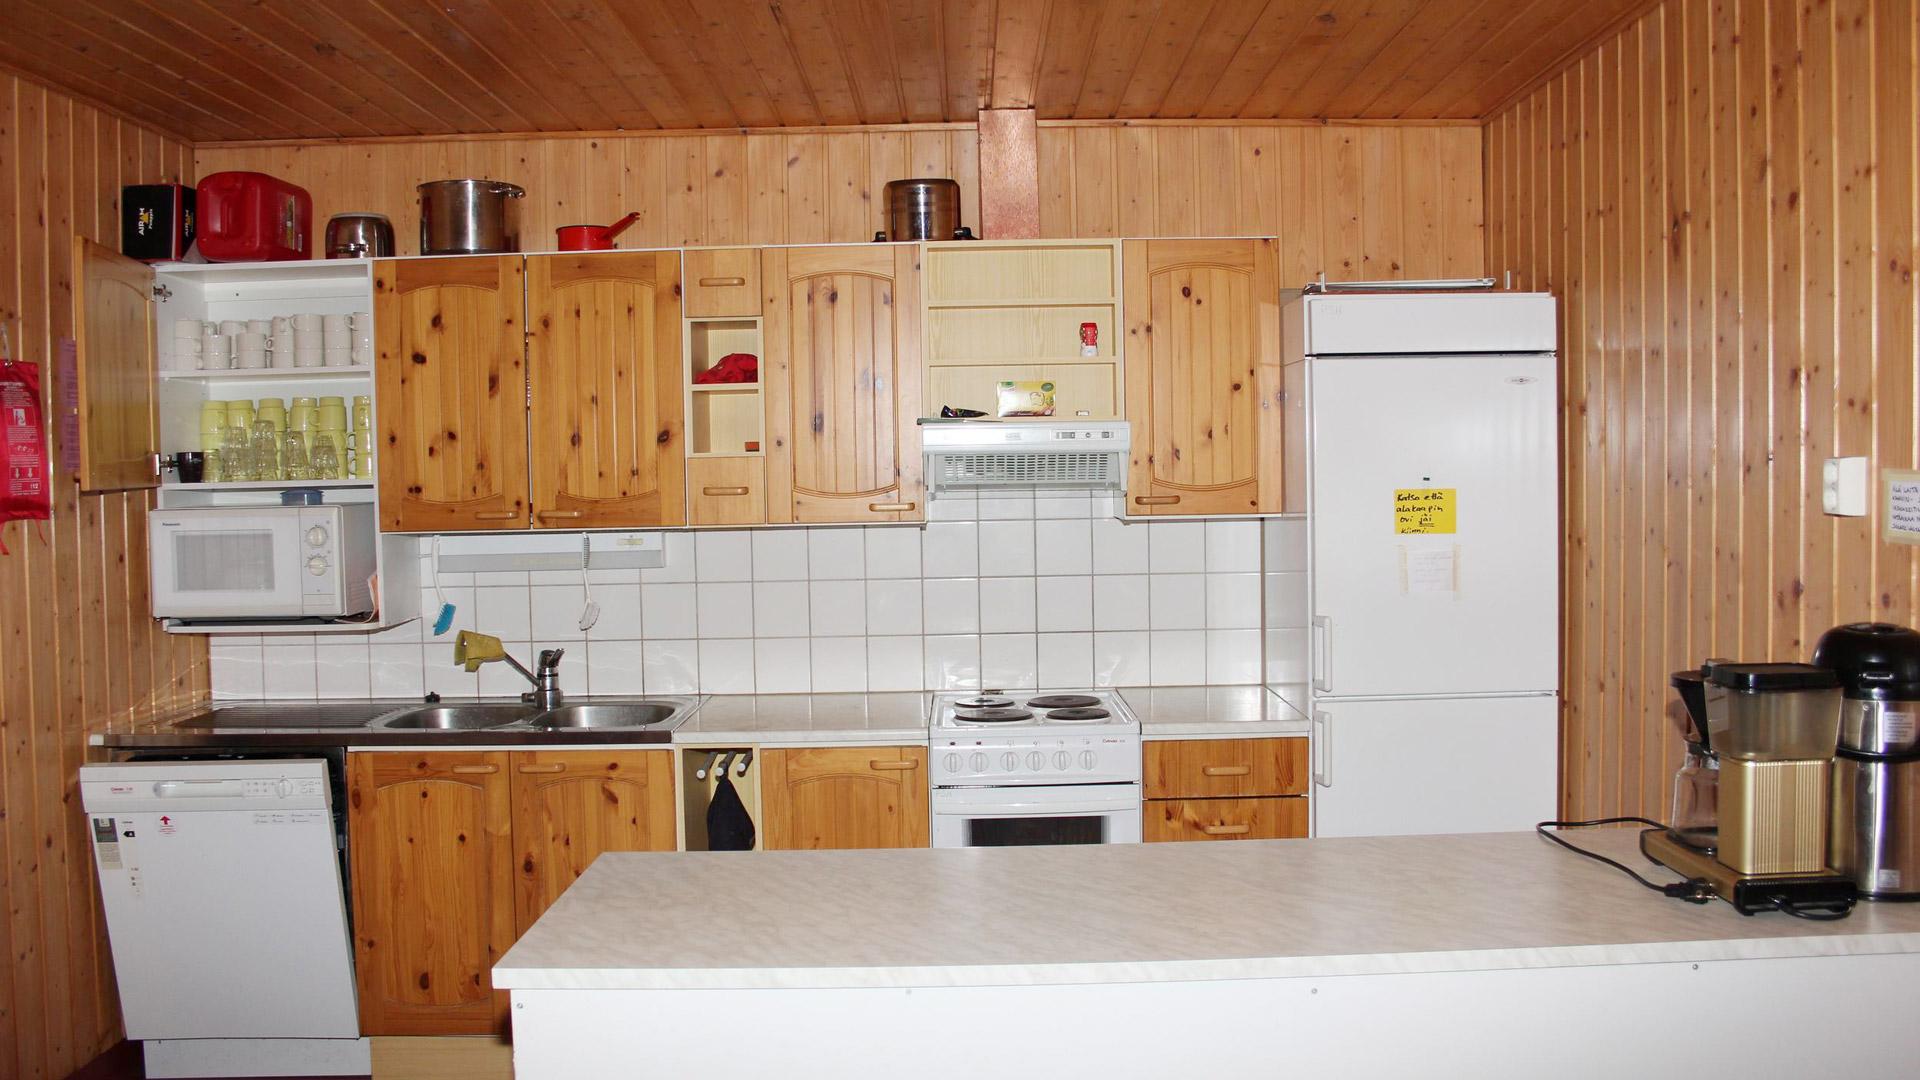 Jukola keittiö Jämijärvi